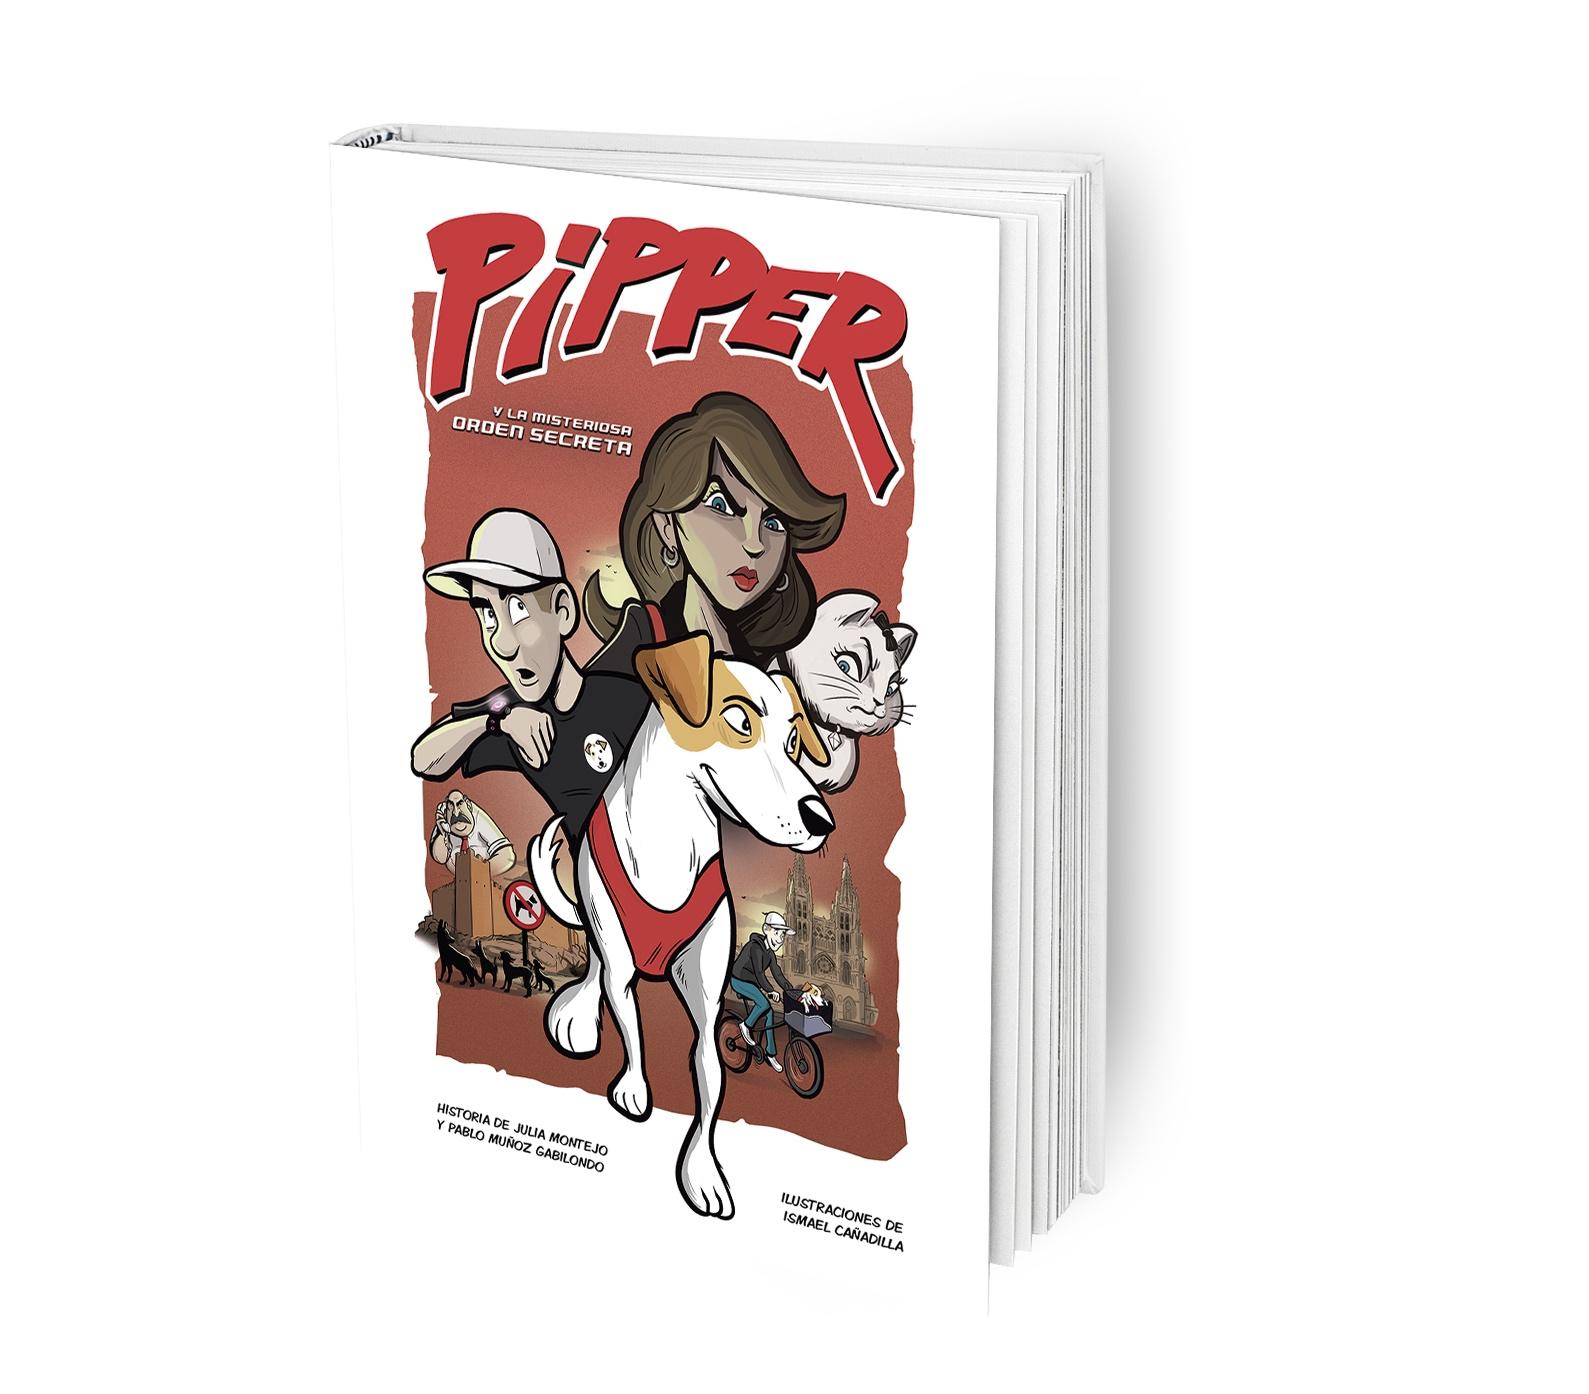 portada+comic+pipper.jpg